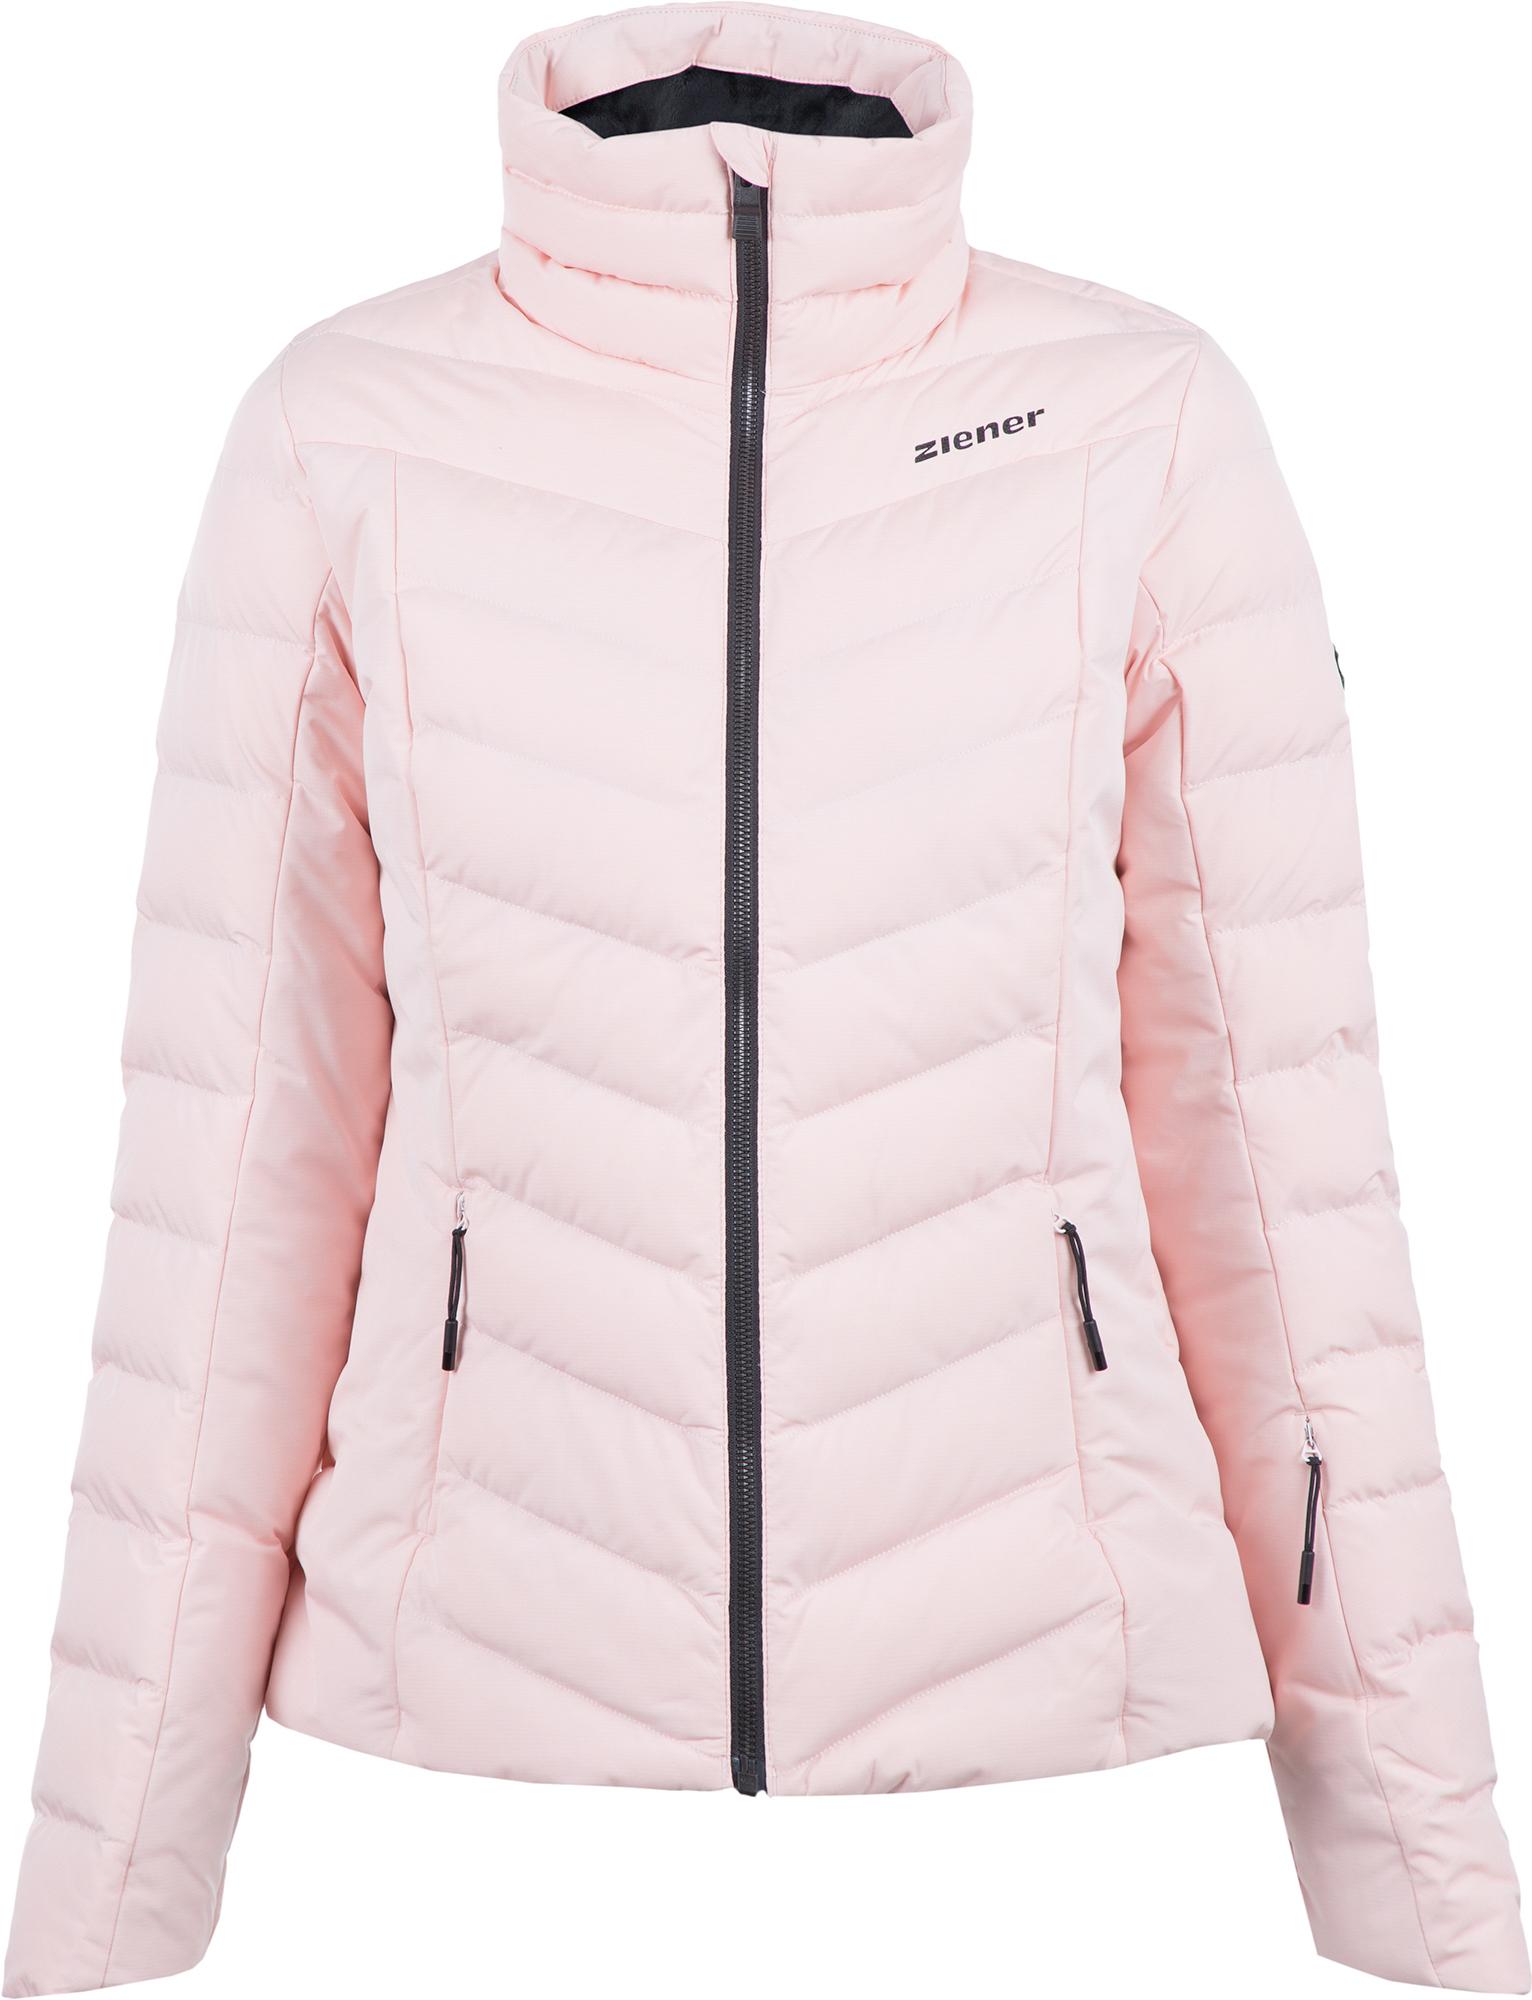 Ziener Куртка утепленная женская Ziener Talma, размер 50